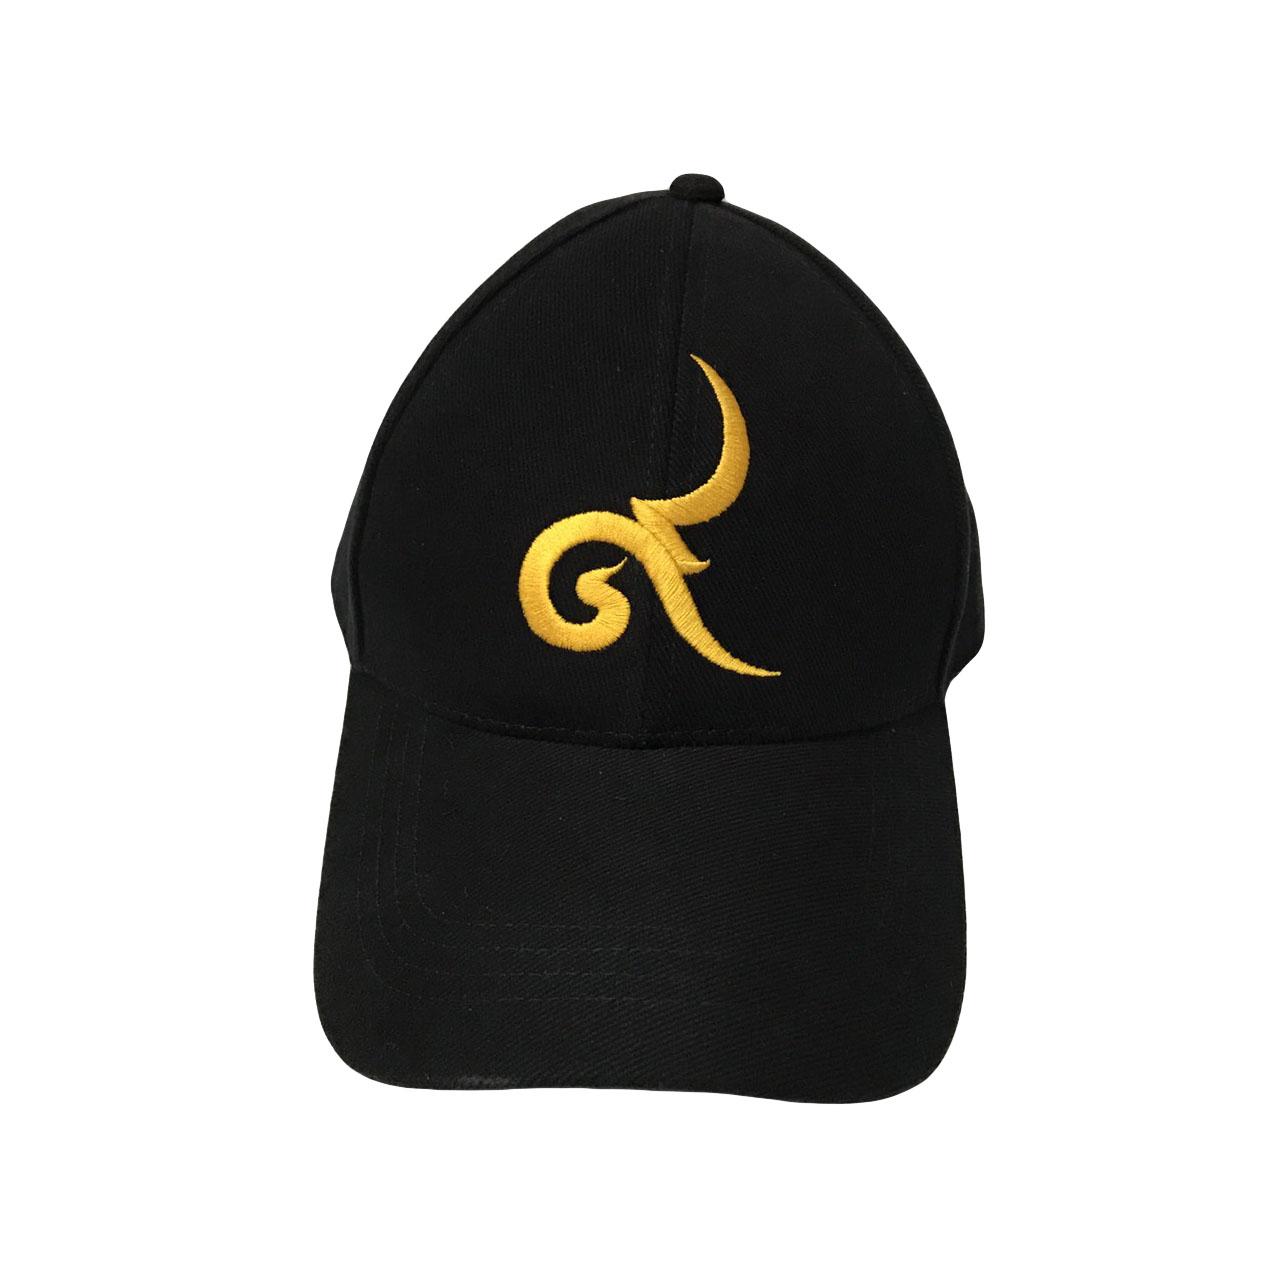 """หมวกแก๊ป ปักด้ายทอง หน้าปักเลข """"๙"""" หลังปัก """"ฉันเกิดในสมัยรัชกาลที่๙"""" by Season Tales"""